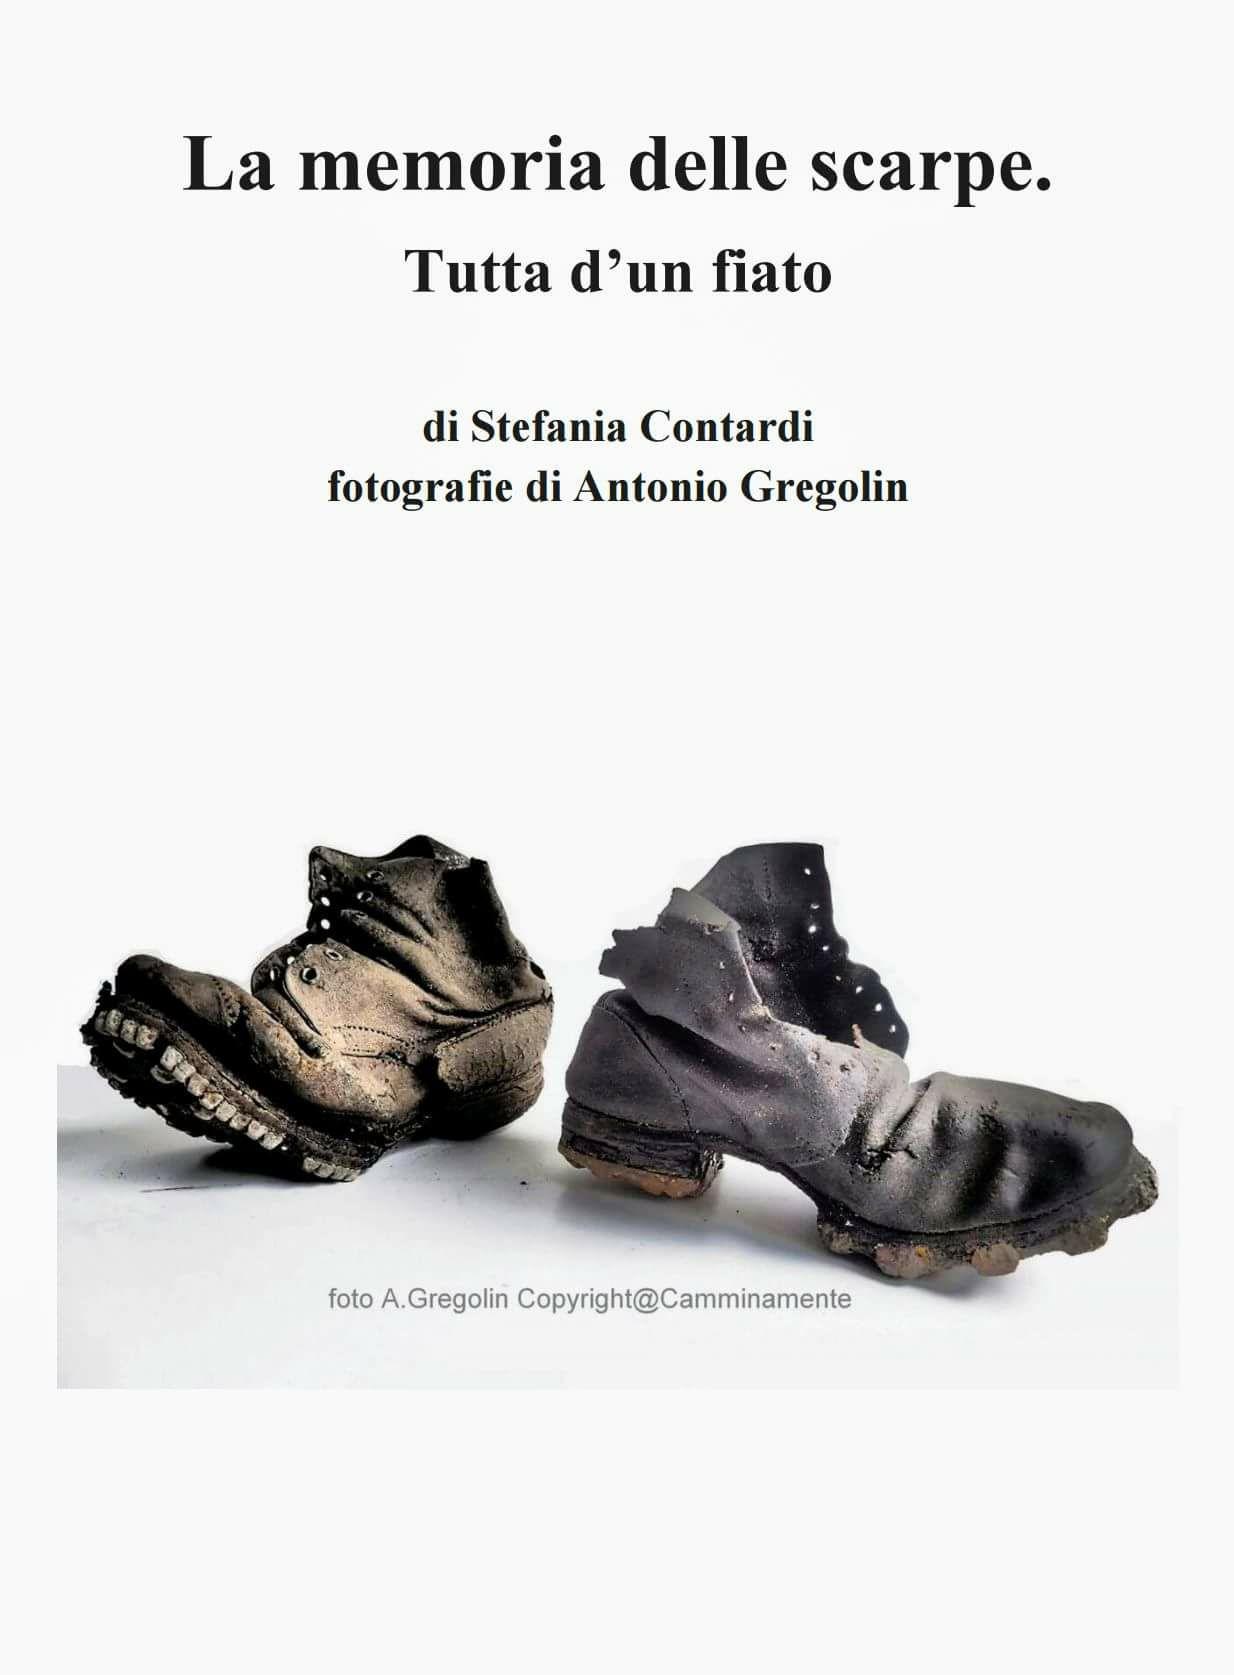 LA MEMORIA DELLE SCARPE. TUTTA D UN FIATO (premiato in Racconti dal Veneto  2017 e in Premio Lett. Naz. Giovane Holden 2017) - StefaniaContardi.it e3a0b62311e